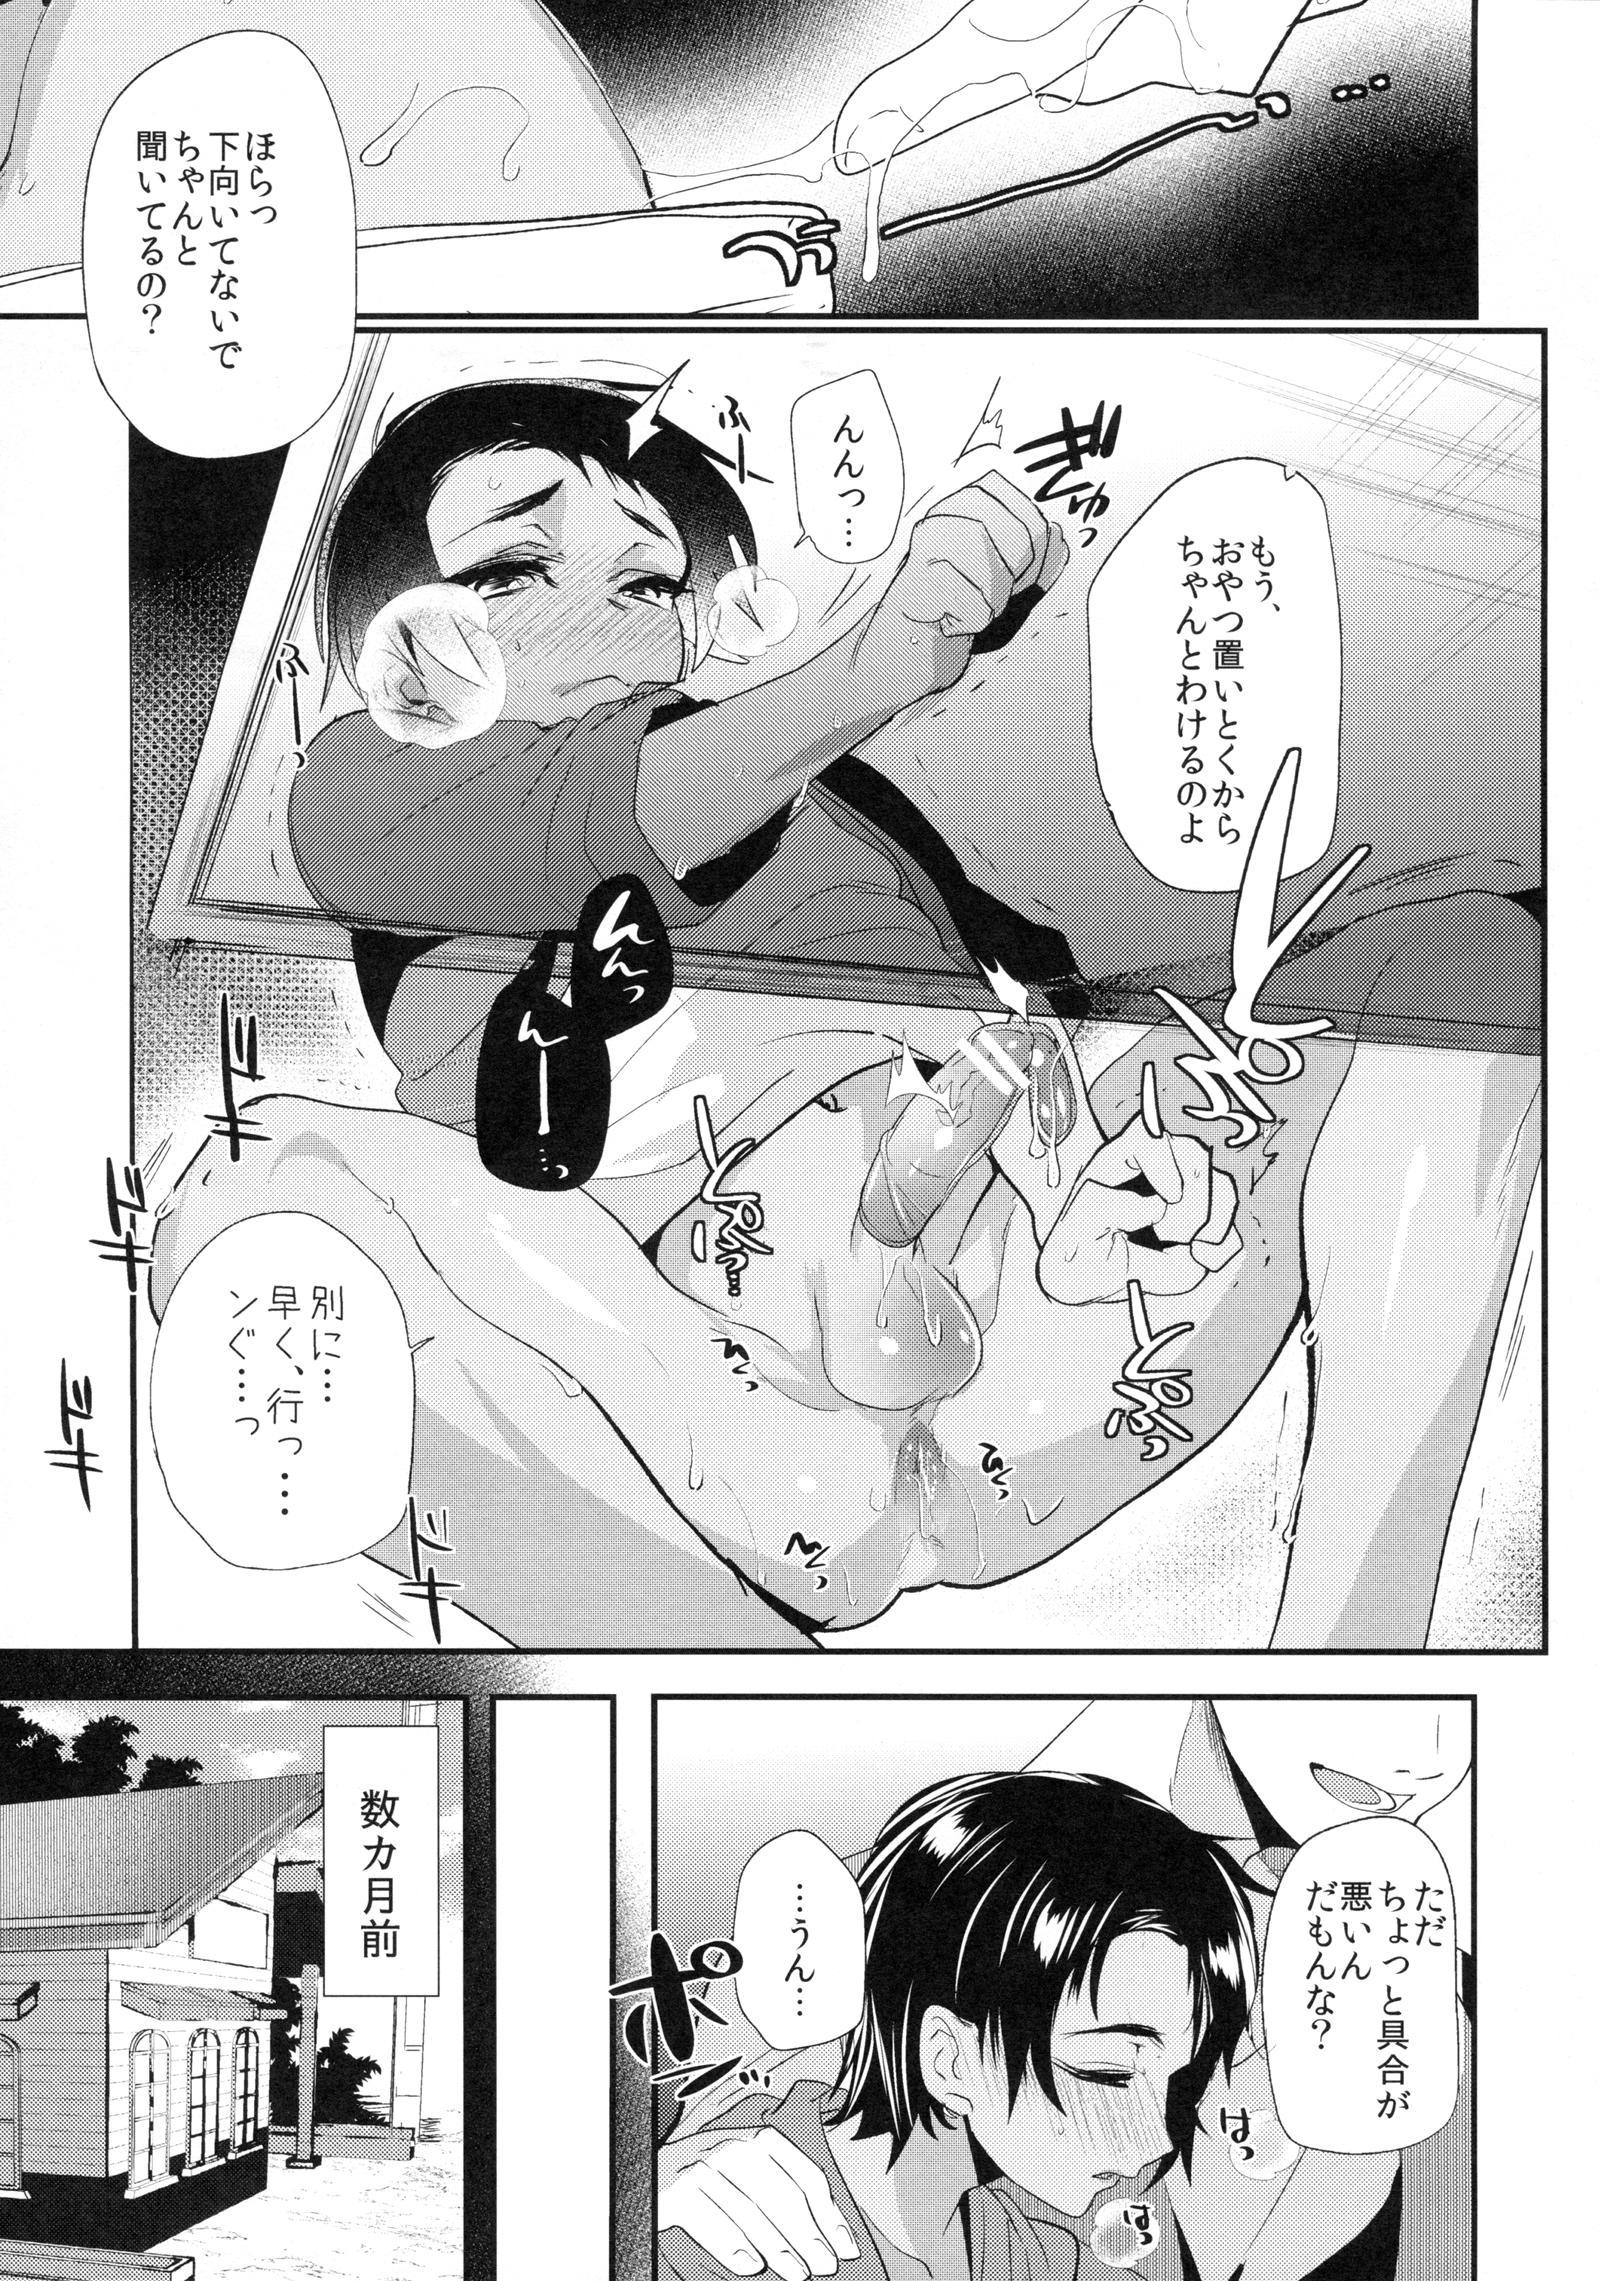 Kore wa Futsuu no Koto dakara 5